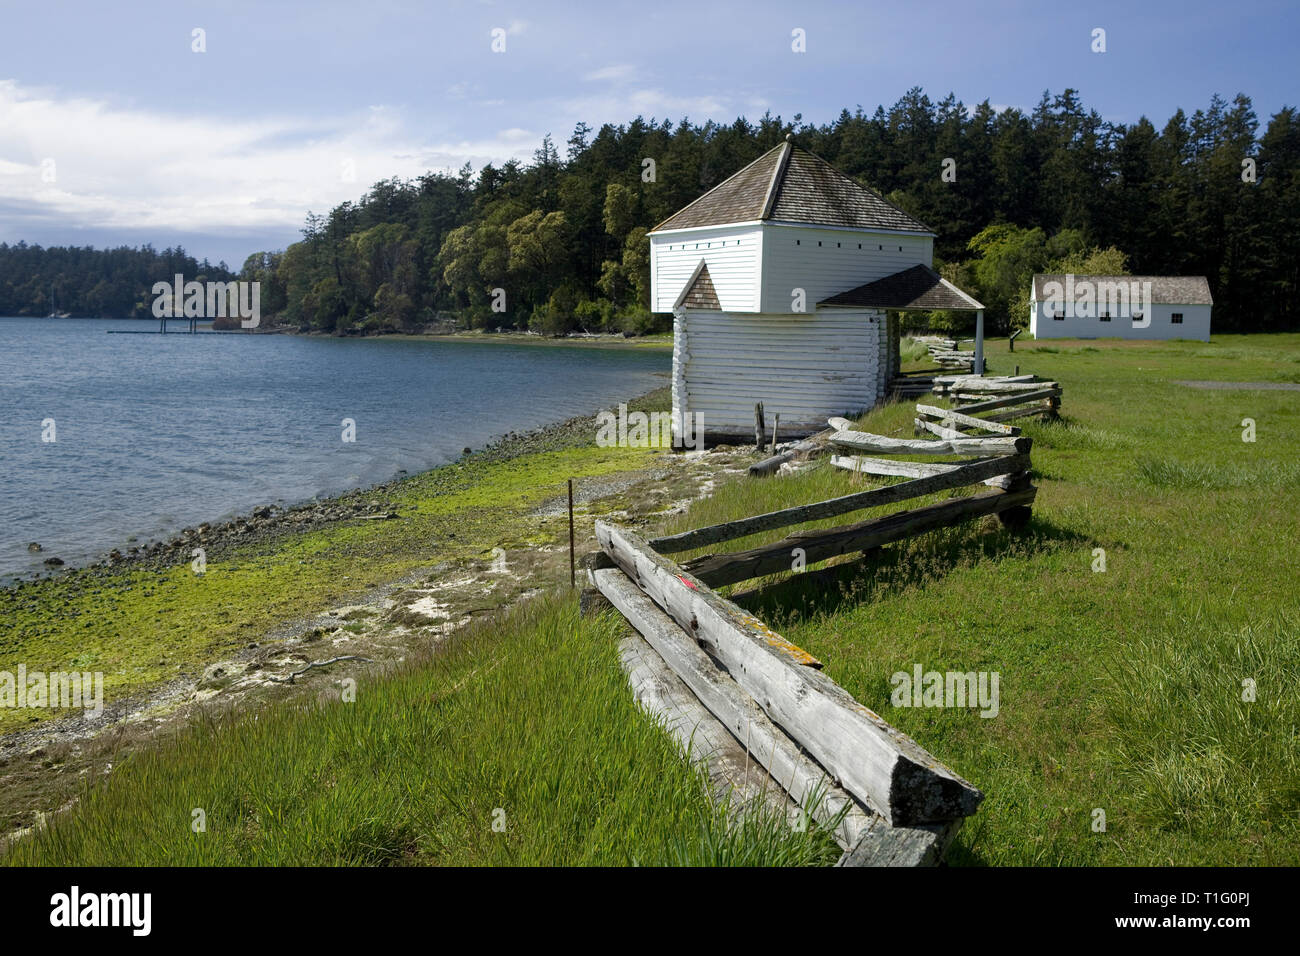 WA05455-00...WASHINGTON - English Camp on Garrison Bay in San Juan Island National Historic Park - San Juan Island. - Stock Image